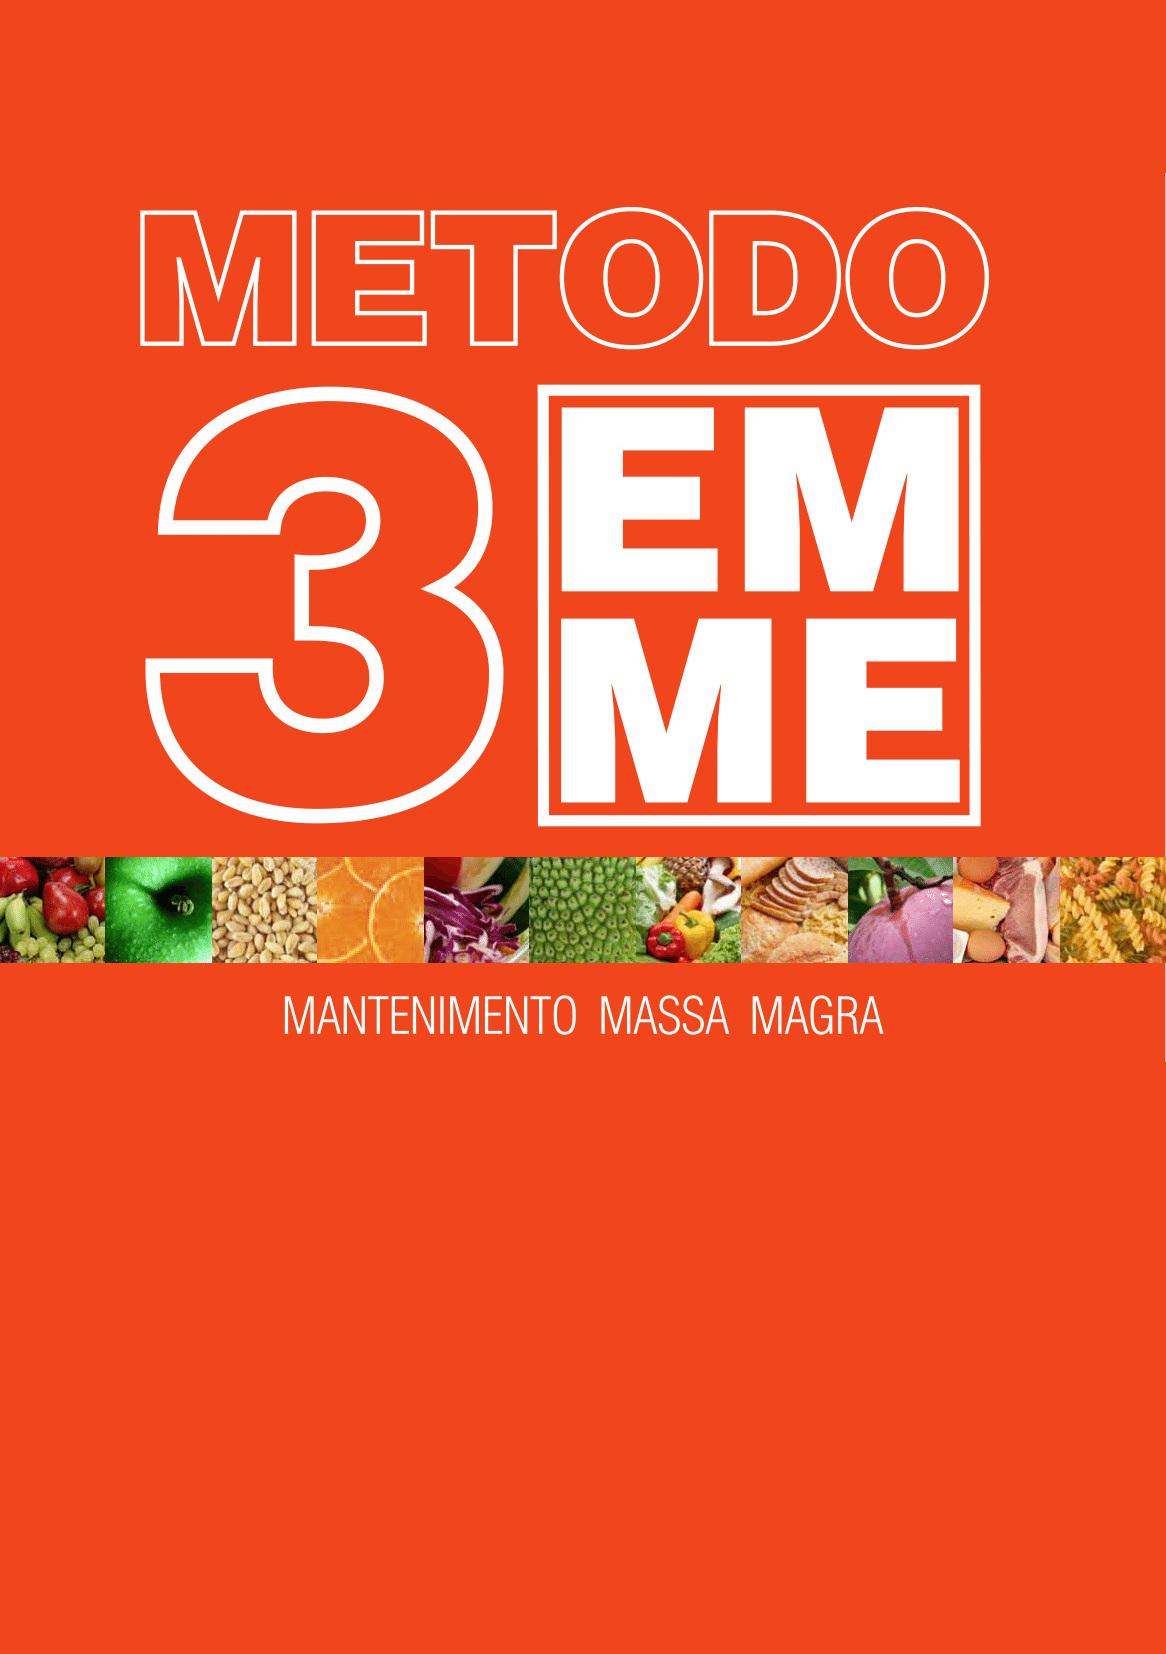 3emme-metodo